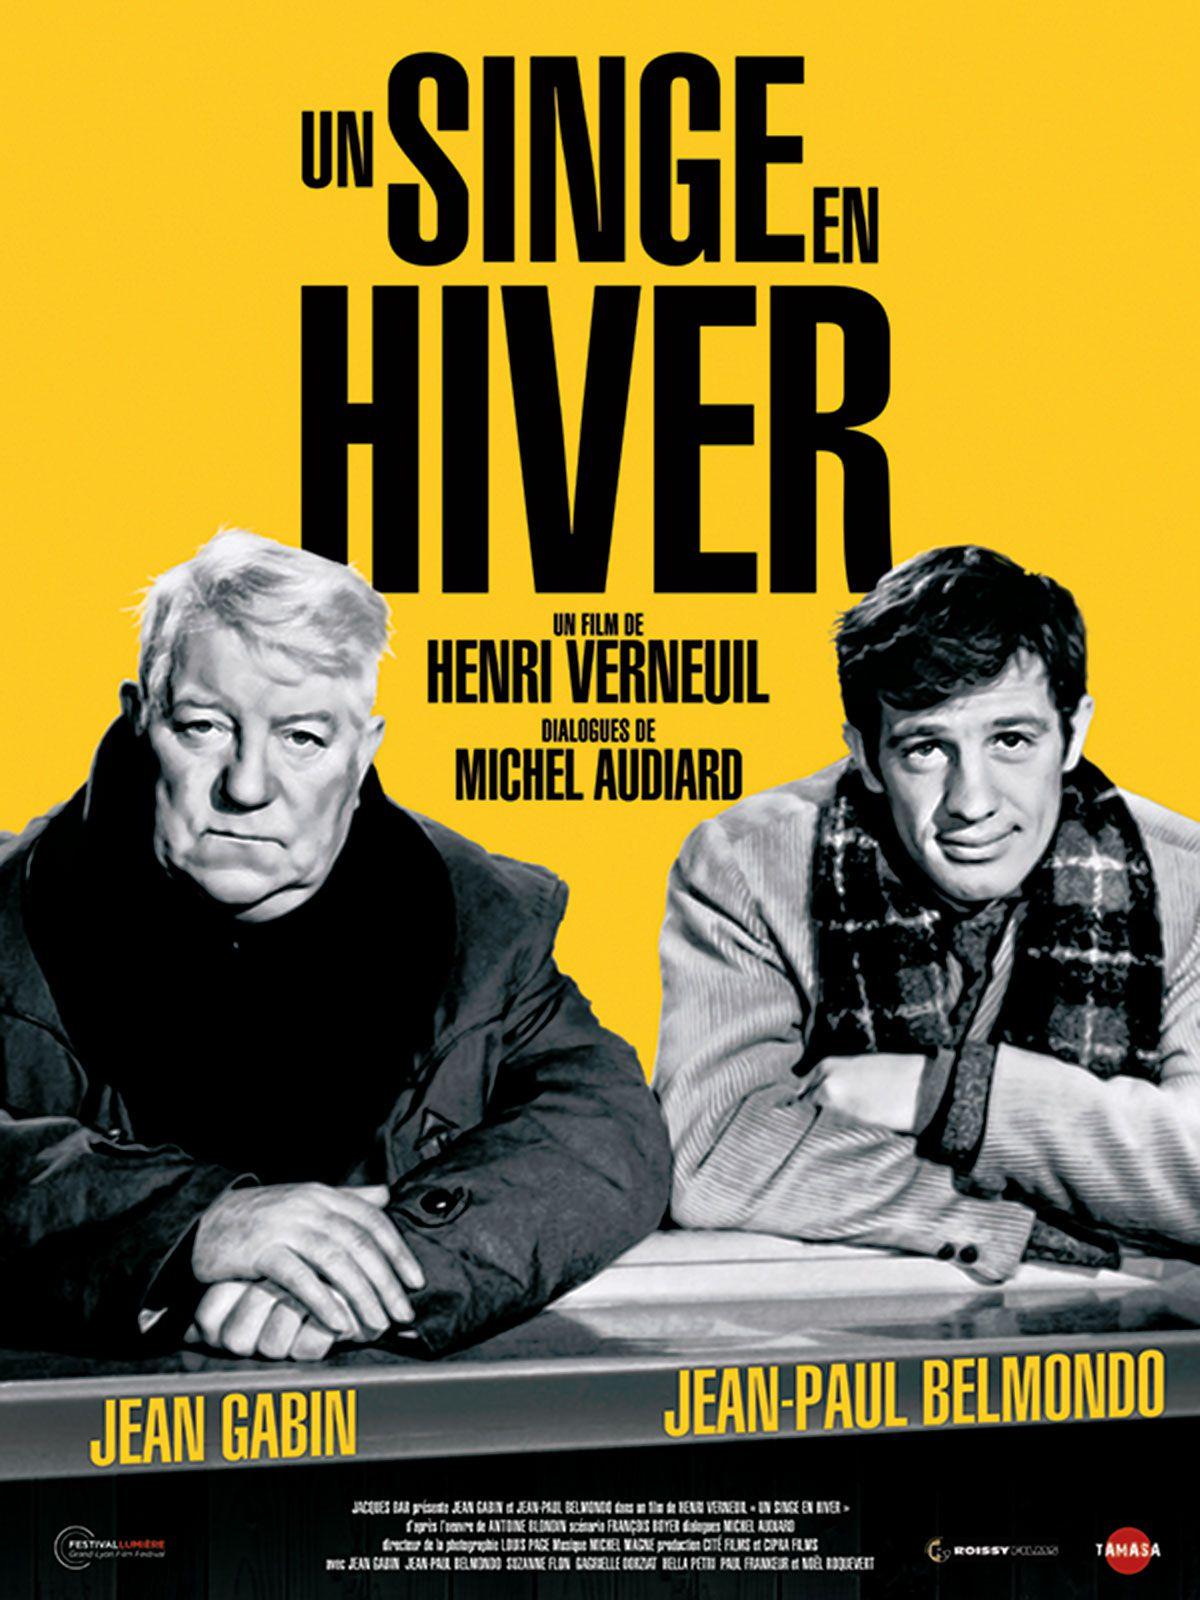 UN SINGE EN HIVER - Henri Verneuil (1962)